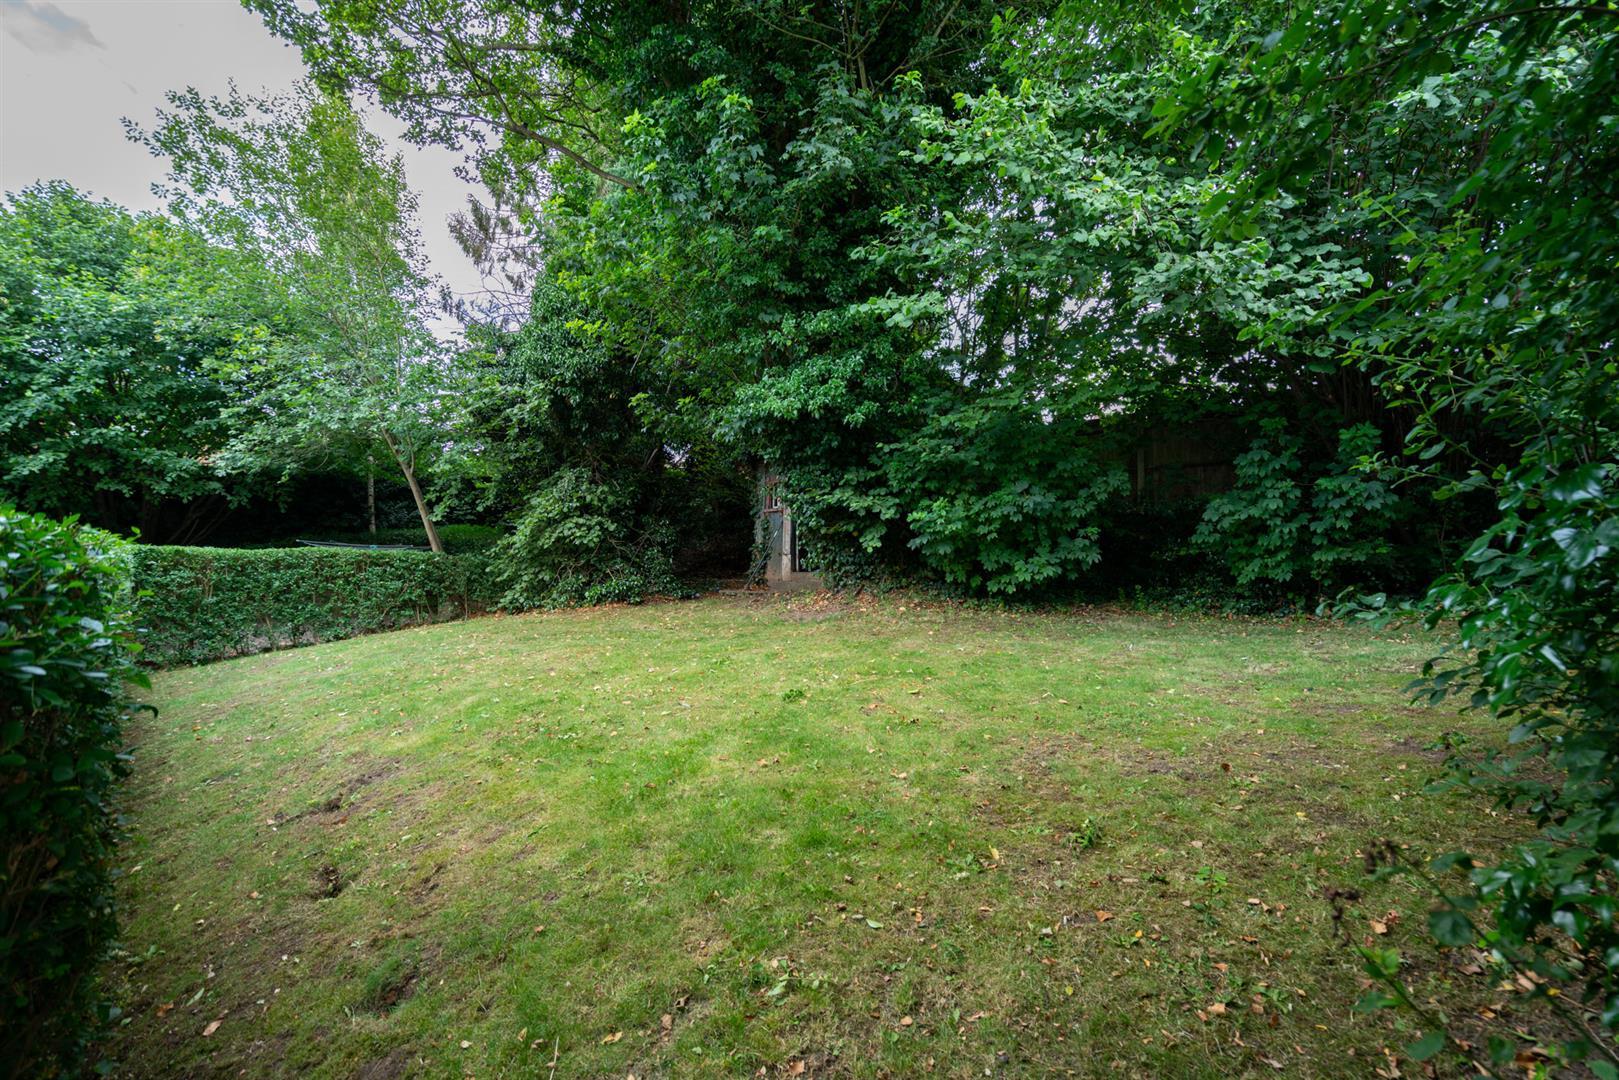 10-Seven-Close-2578-  garden area.jpg